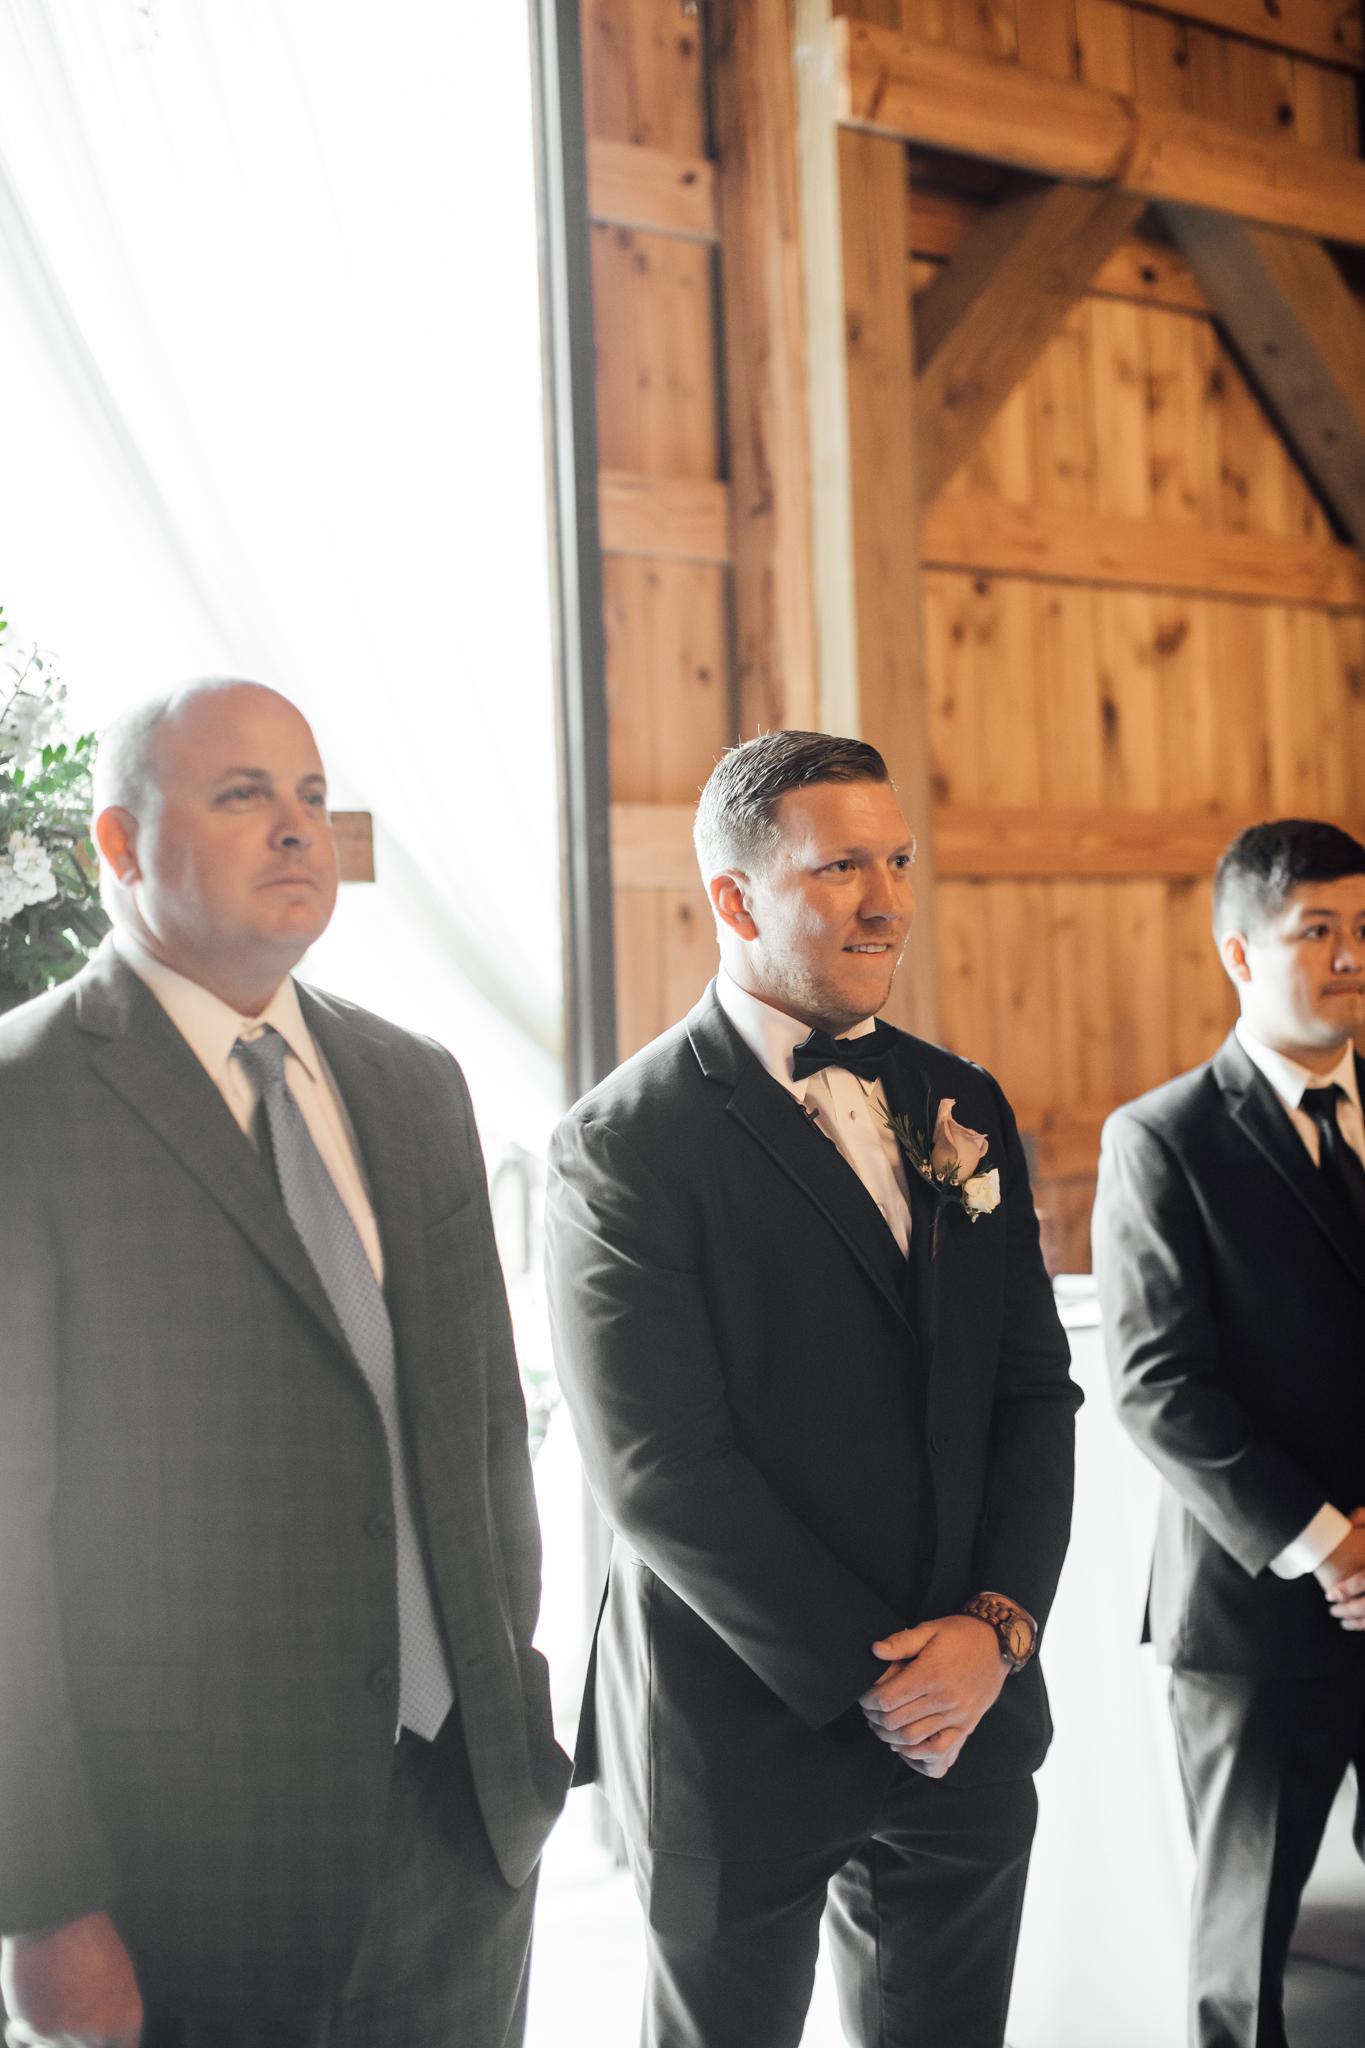 saddlewoodsfarms-nashville-wedding-photographer-thewarmtharoundyou-rustic-wedding (11 of 251).jpg